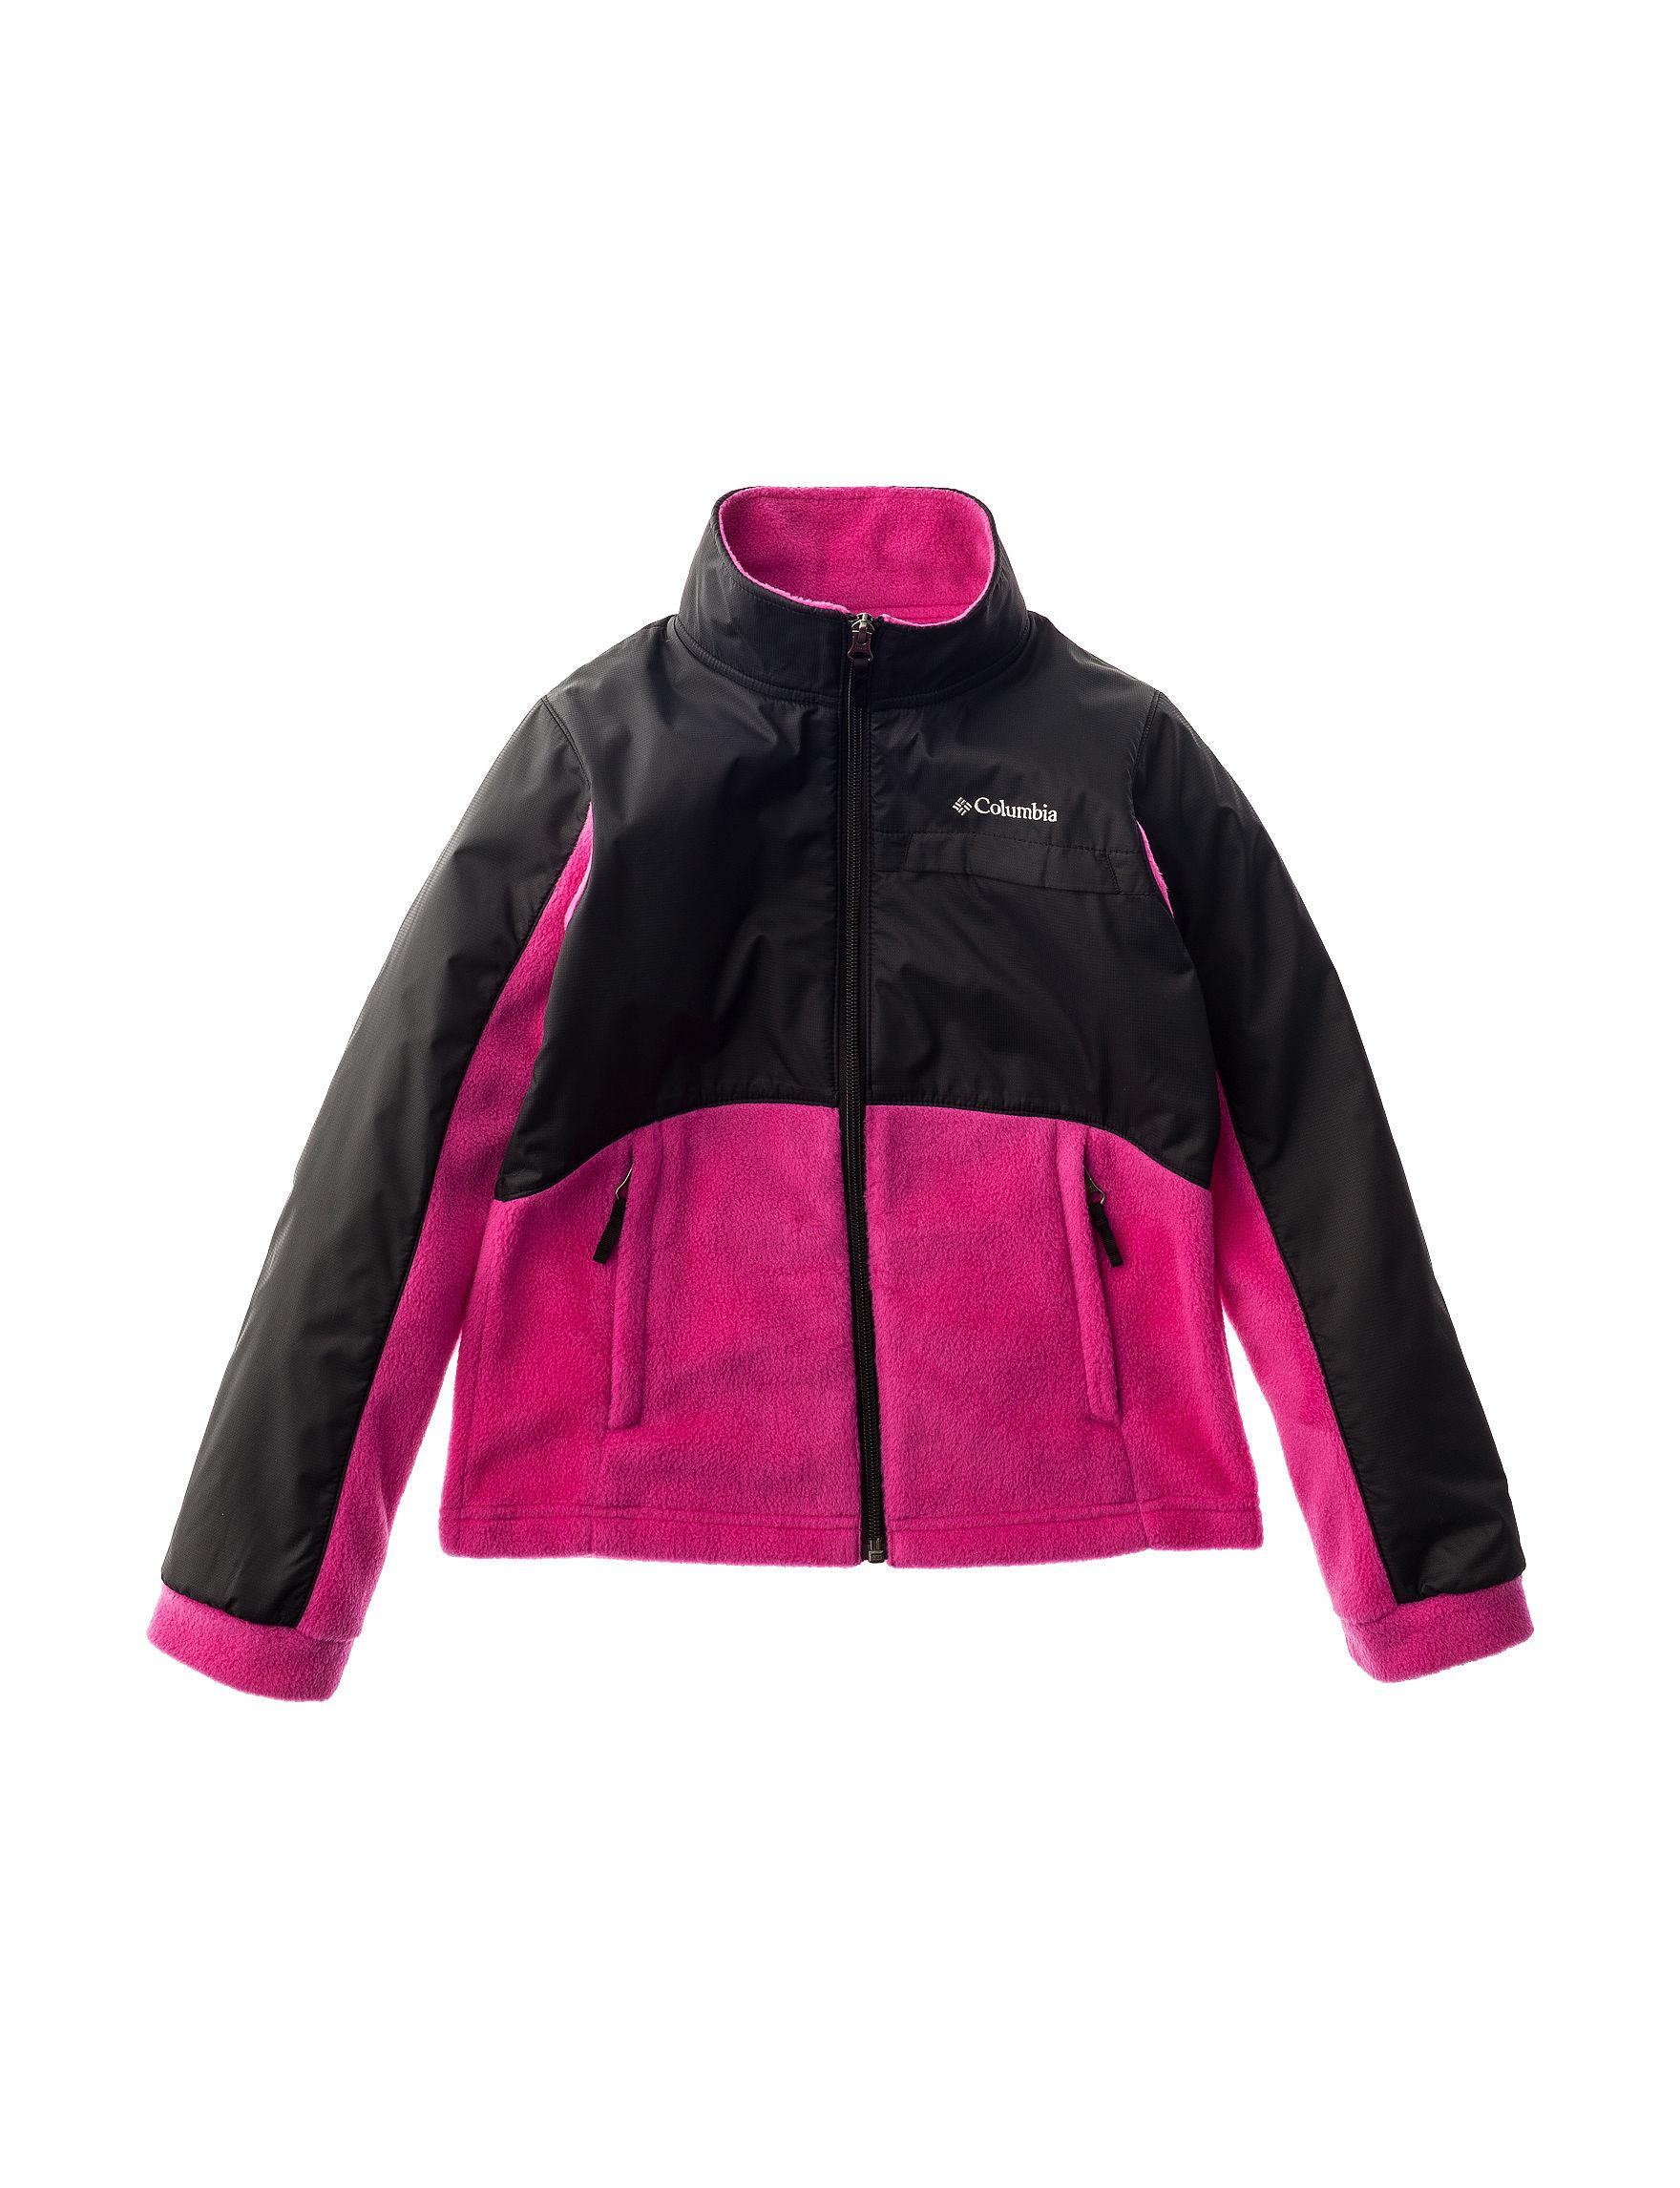 Columbia Pink Fleece & Soft Shell Jackets Lightweight Jackets & Blazers